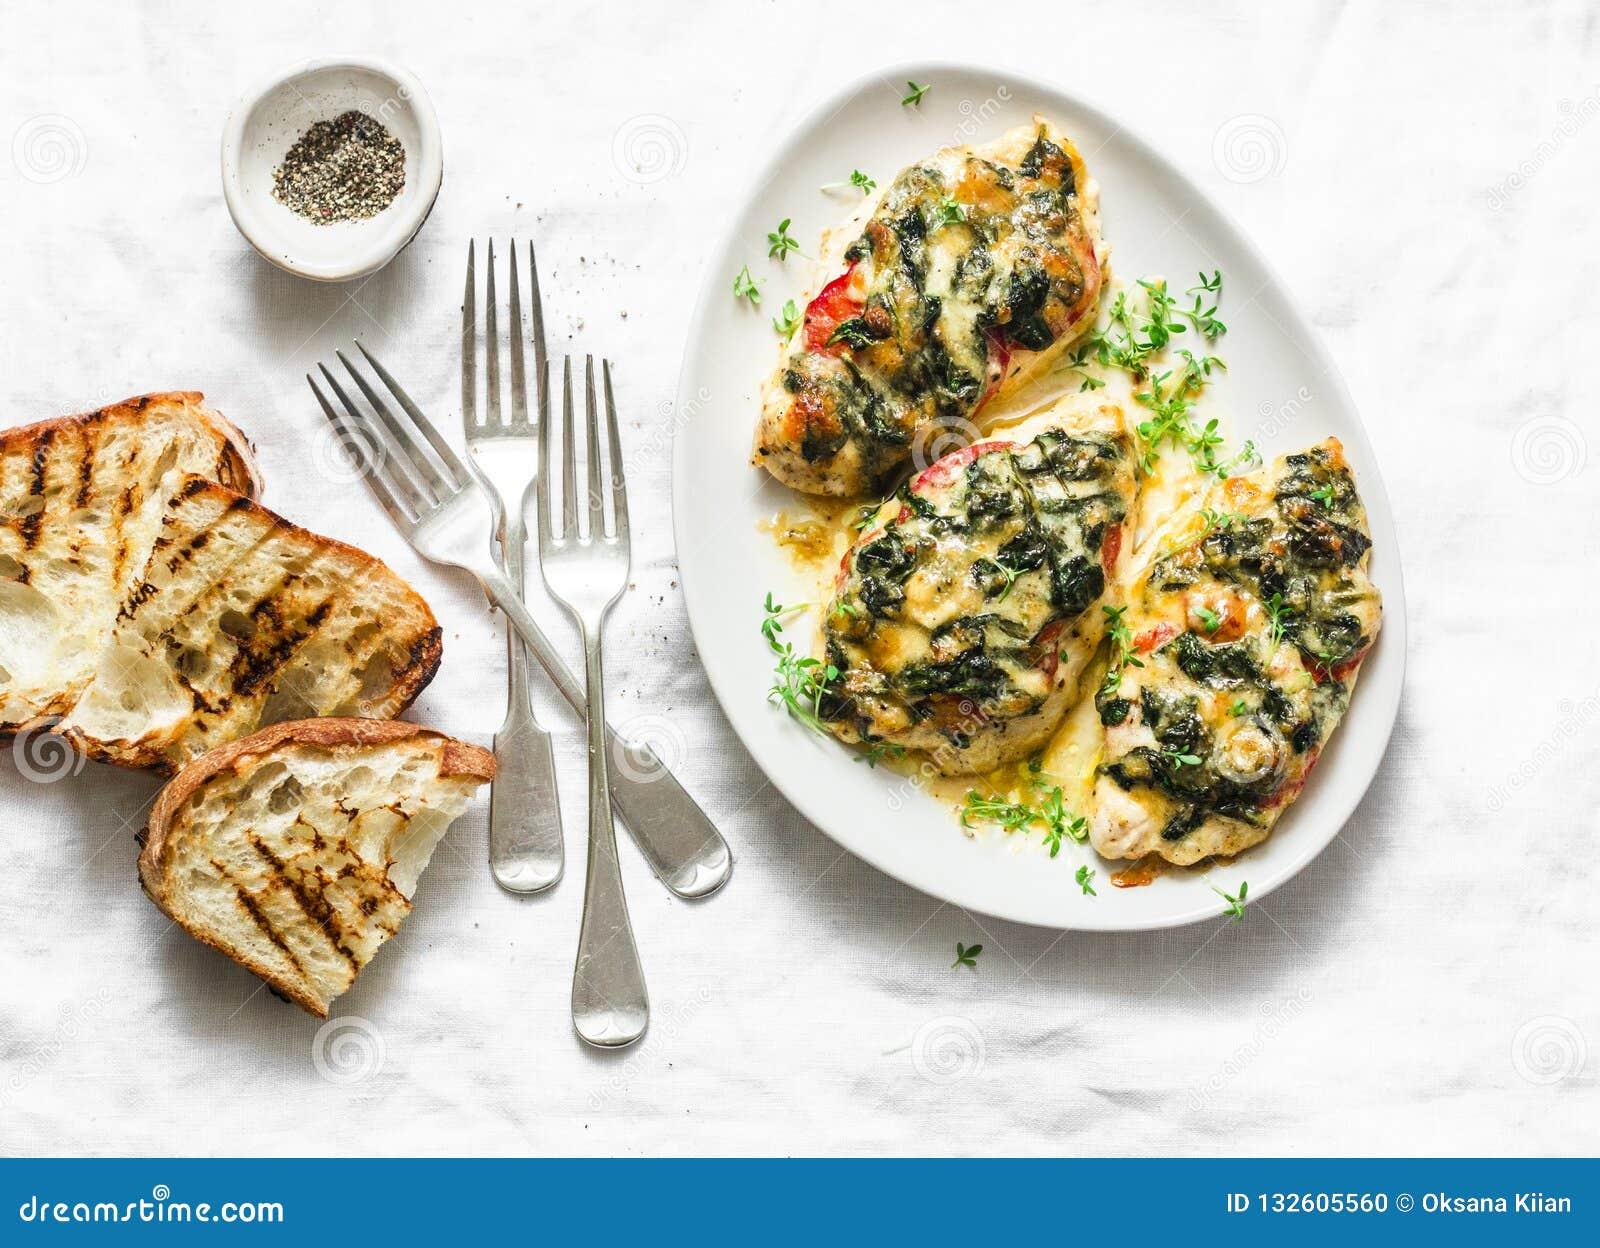 Bakat fegt bröst med den läckra tomater, spenat och mozzarellaen - banta lunch i medelhavs- stil på en ljus bakgrund